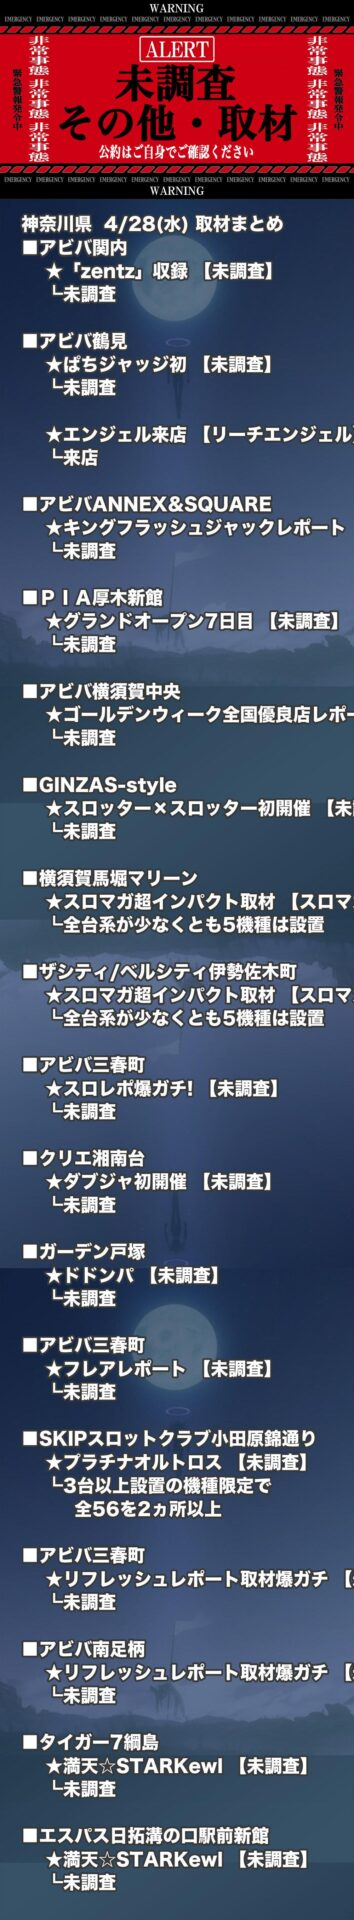 神奈川県_2021-04-28_未調査_パチンコ・パチスロ